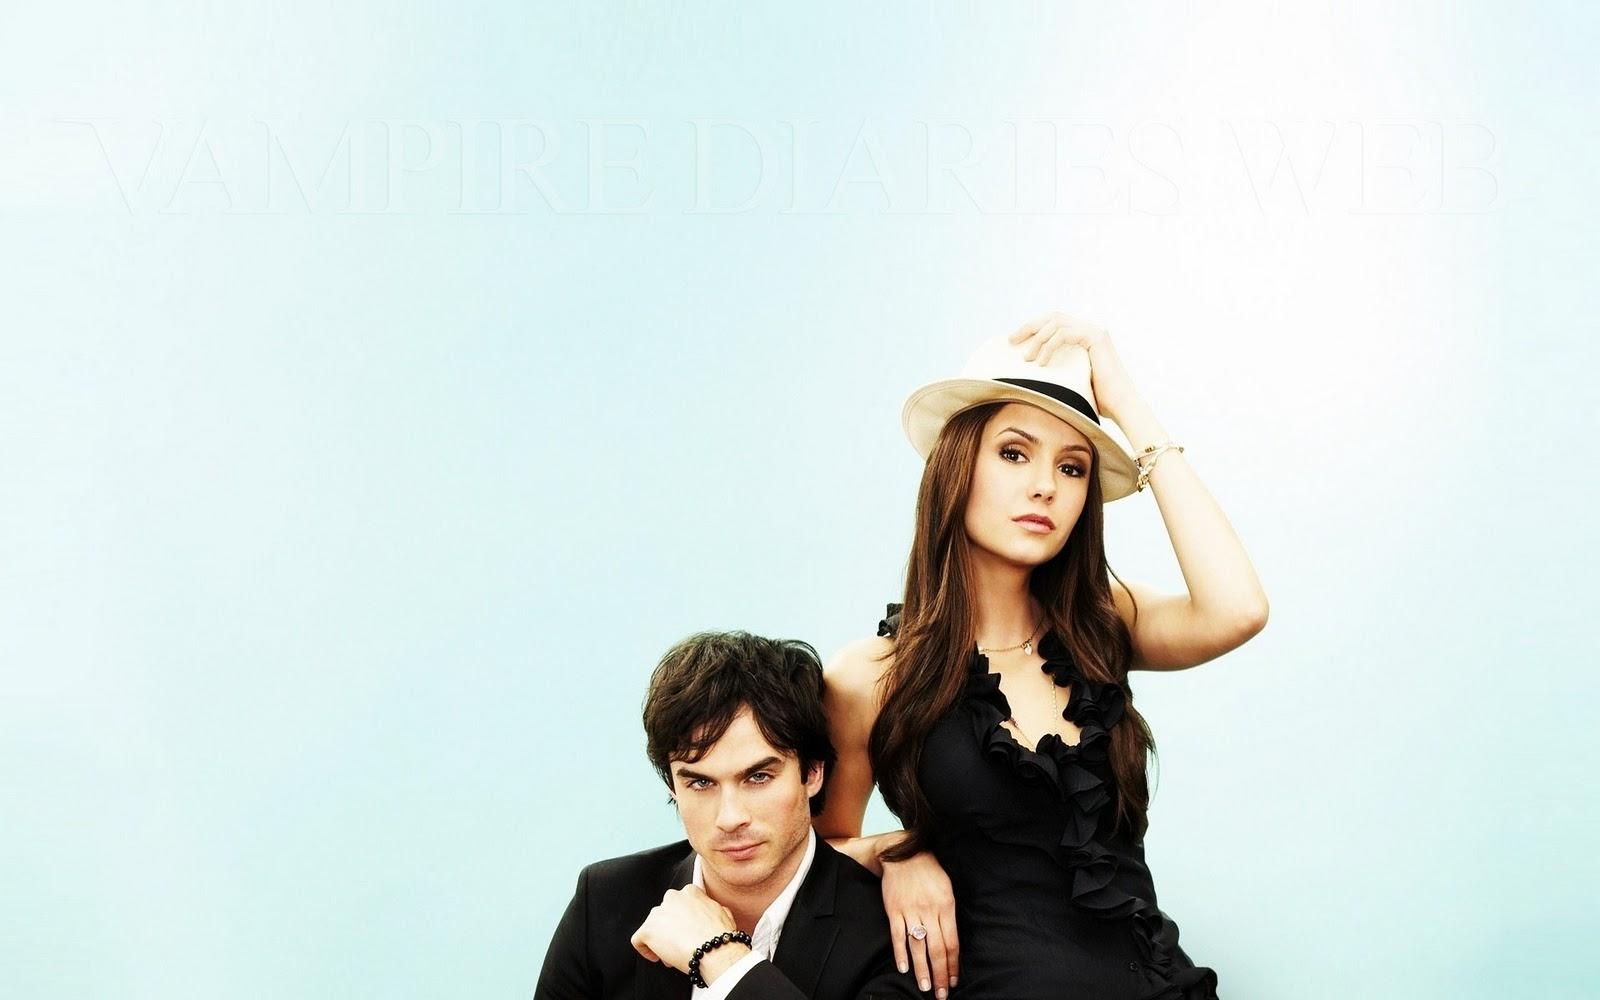 Vampire Diaries wallpapers - vampire diaries nina dobrev wallpapers